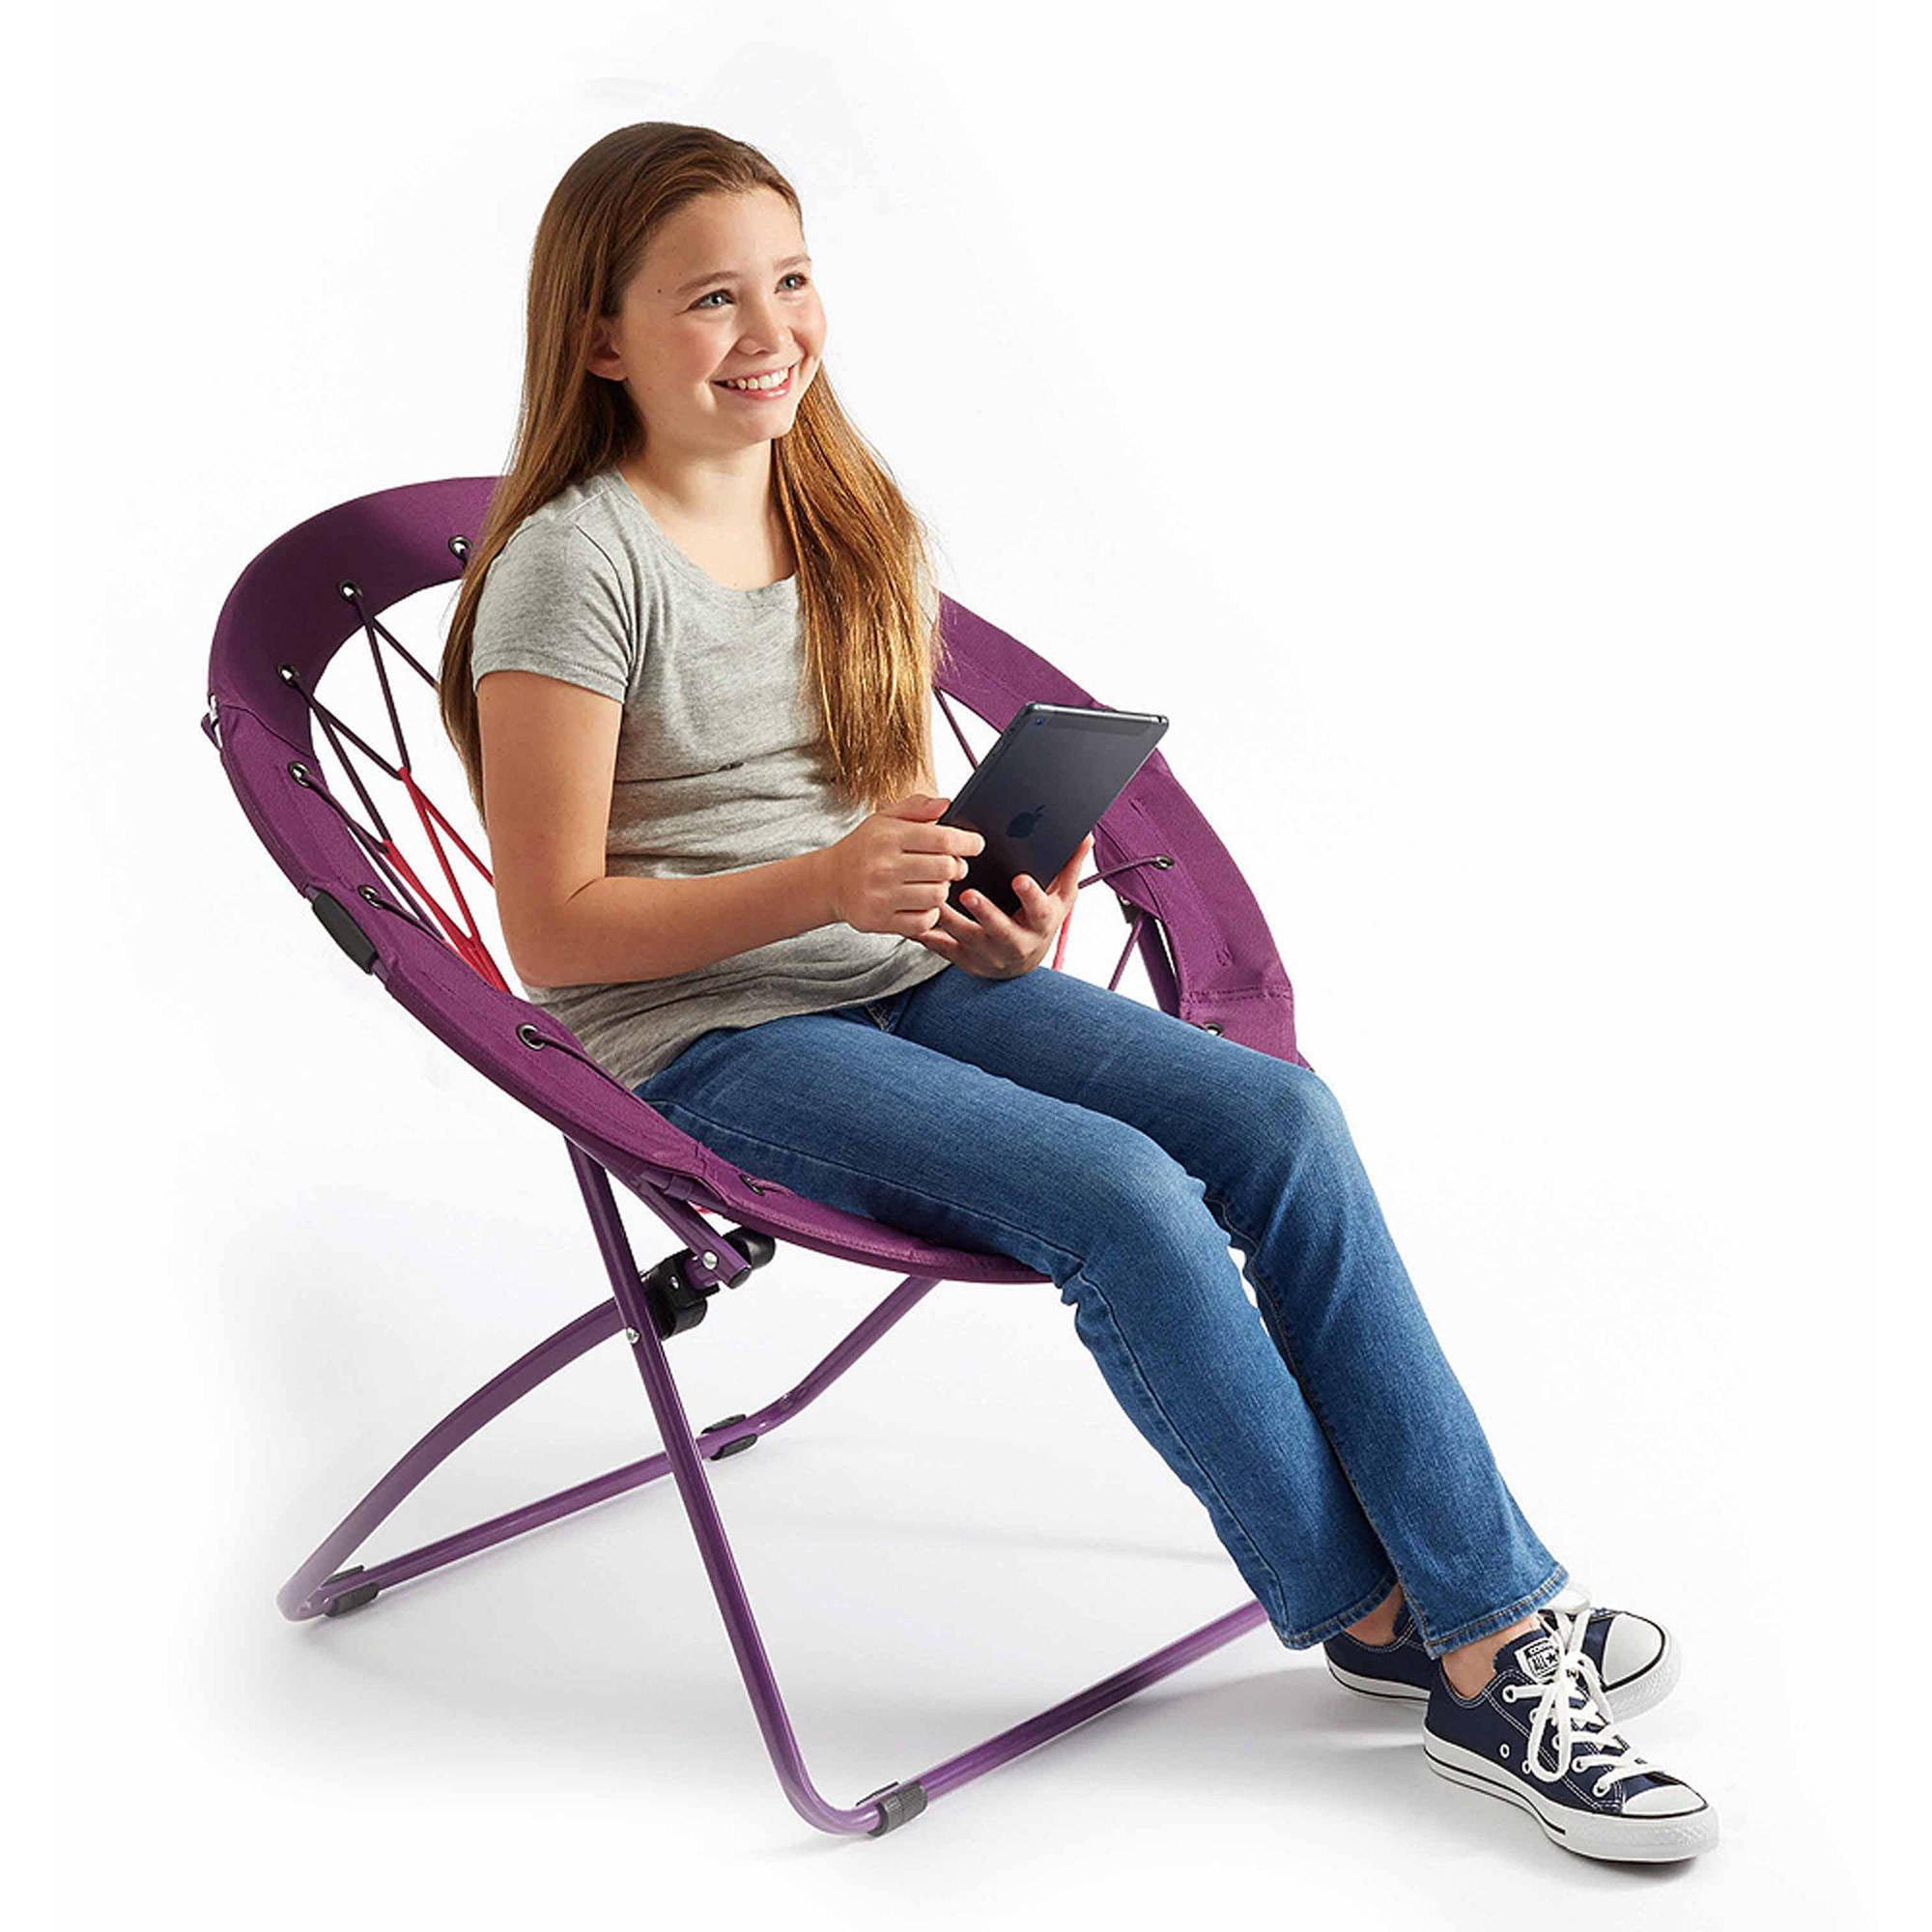 Bungee chair purple - Bungee Chair Purple 27